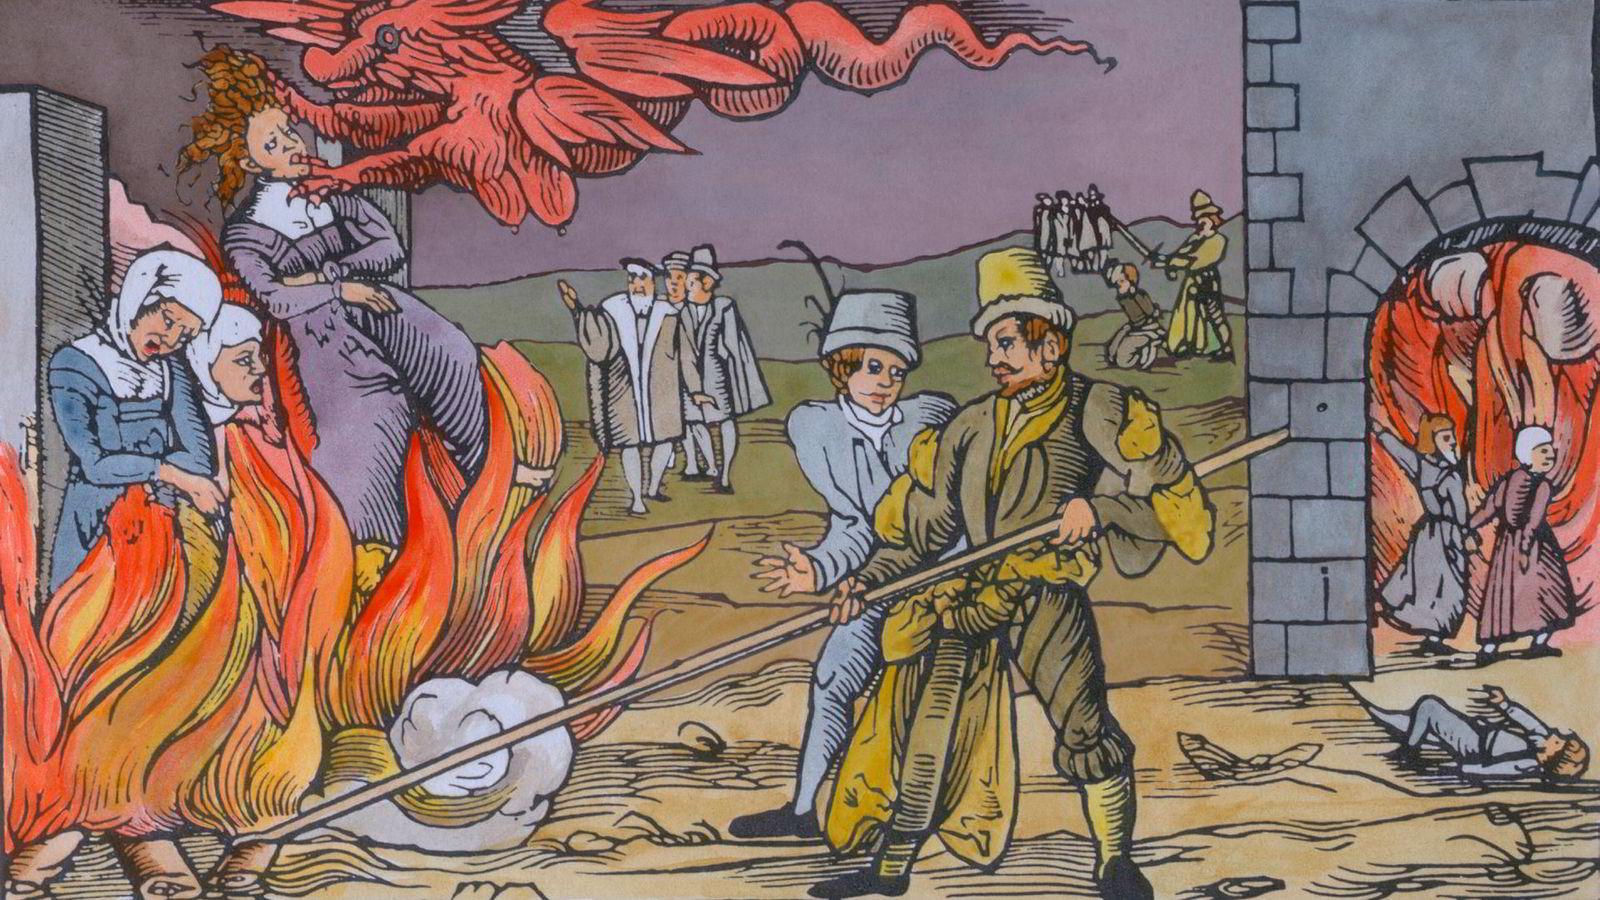 Tresnittet fra 1600-tallet viser tre kvinner som ble henrettet som hekser i Derneburg i Tyskland i oktober 1555. Heksejakt og forsakelse hjalp like lite mot kulde og uvær under den lille istid som bilistjakt og vegetarkost gjør i forhold til vår tids klimautfordringer, skriver Victor D. Norman.